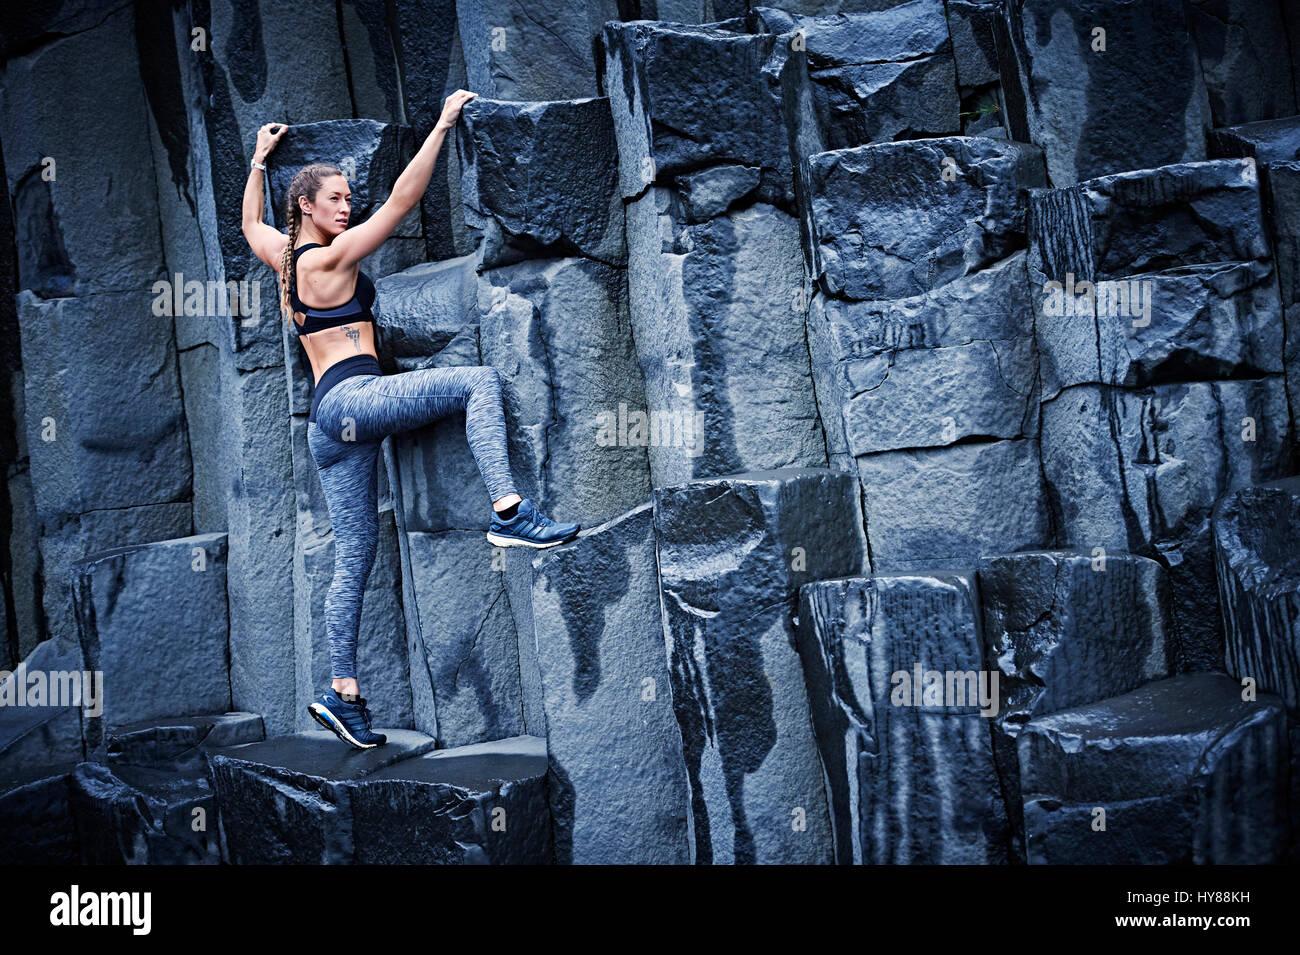 Feliz confía en las mujeres jóvenes la escalada en roca basáltica en el sur de Islandia Imagen De Stock